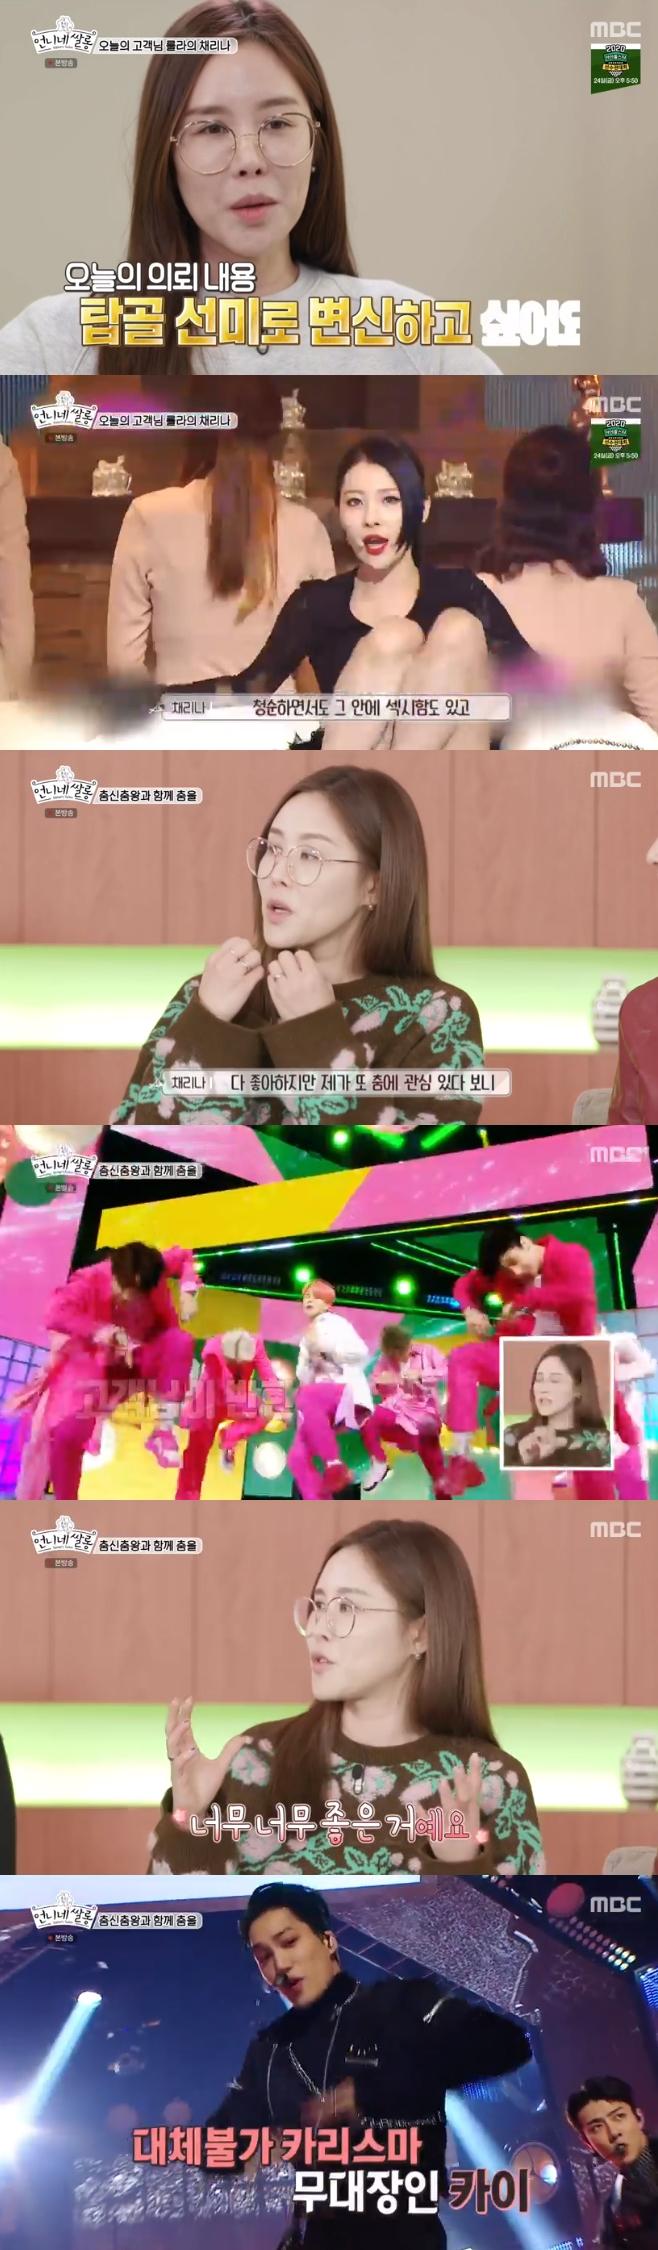 언니네쌀롱, 채리나, 방탄소년단, BTS, 지민